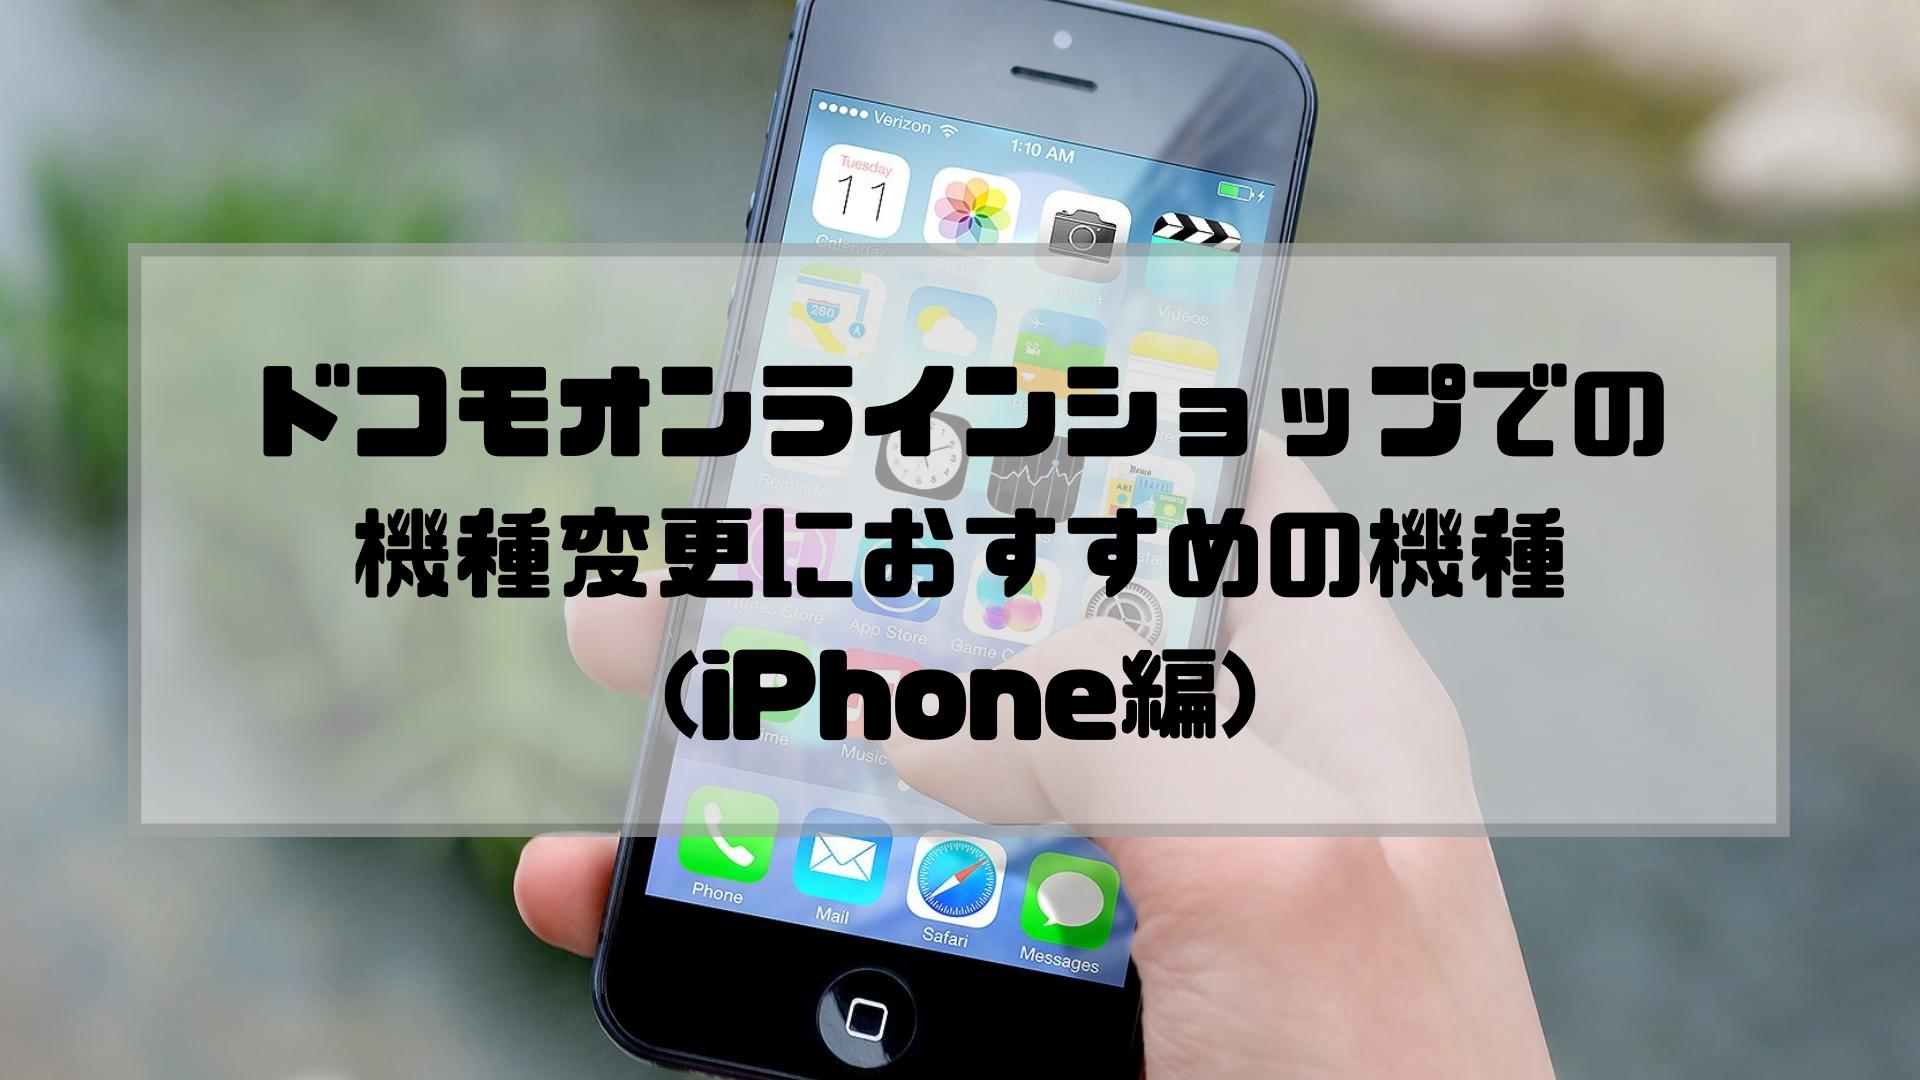 ドコモオンラインショップ_機種変更_流れ_おすすめ_アイフォン_iphone_iPhone